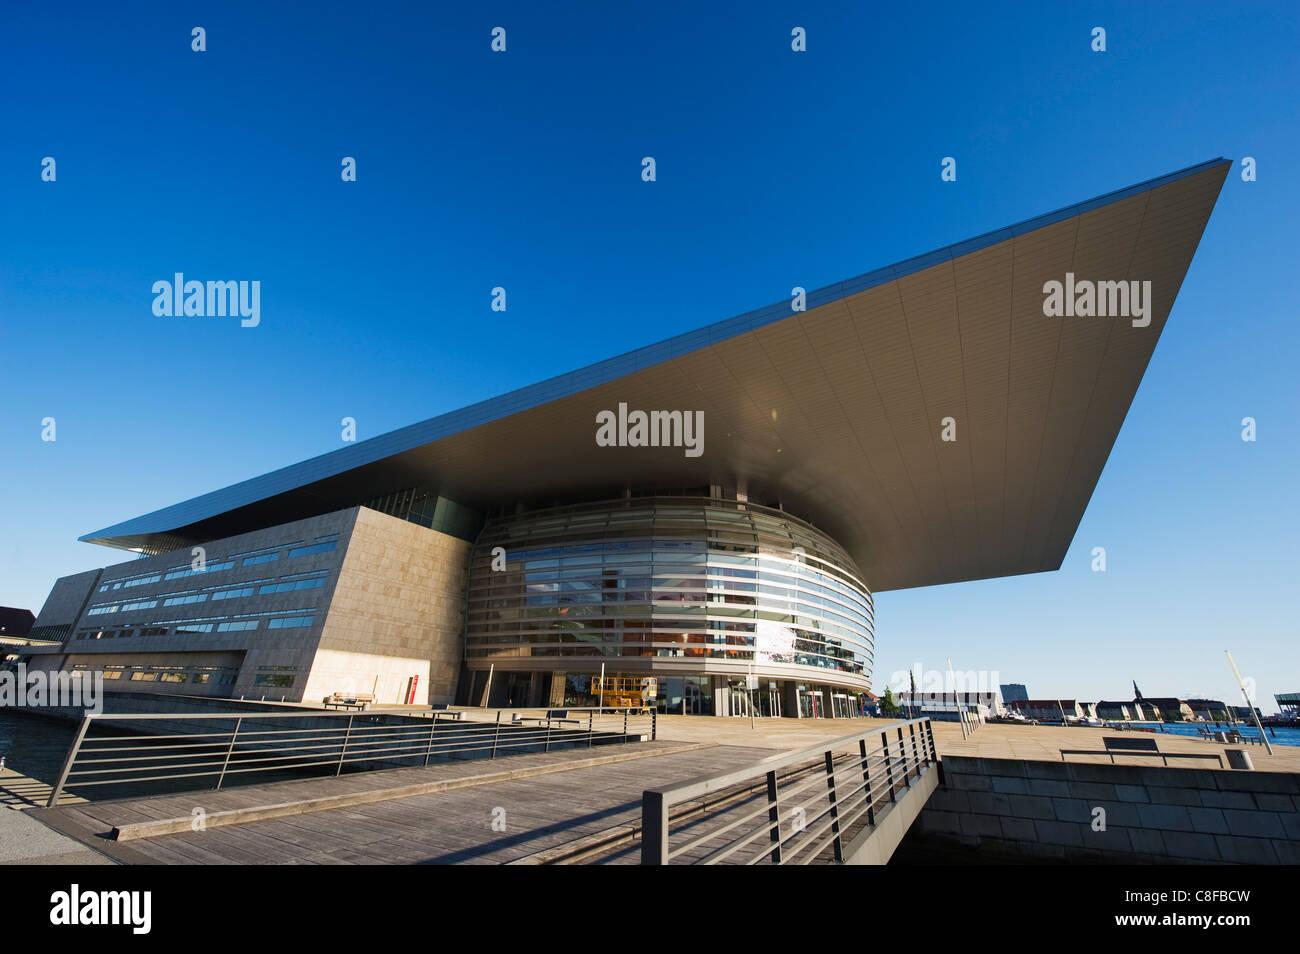 Opera house, designed by Henning Larsen, Copenhagen, Denmark, Scandinavia Stock Photo